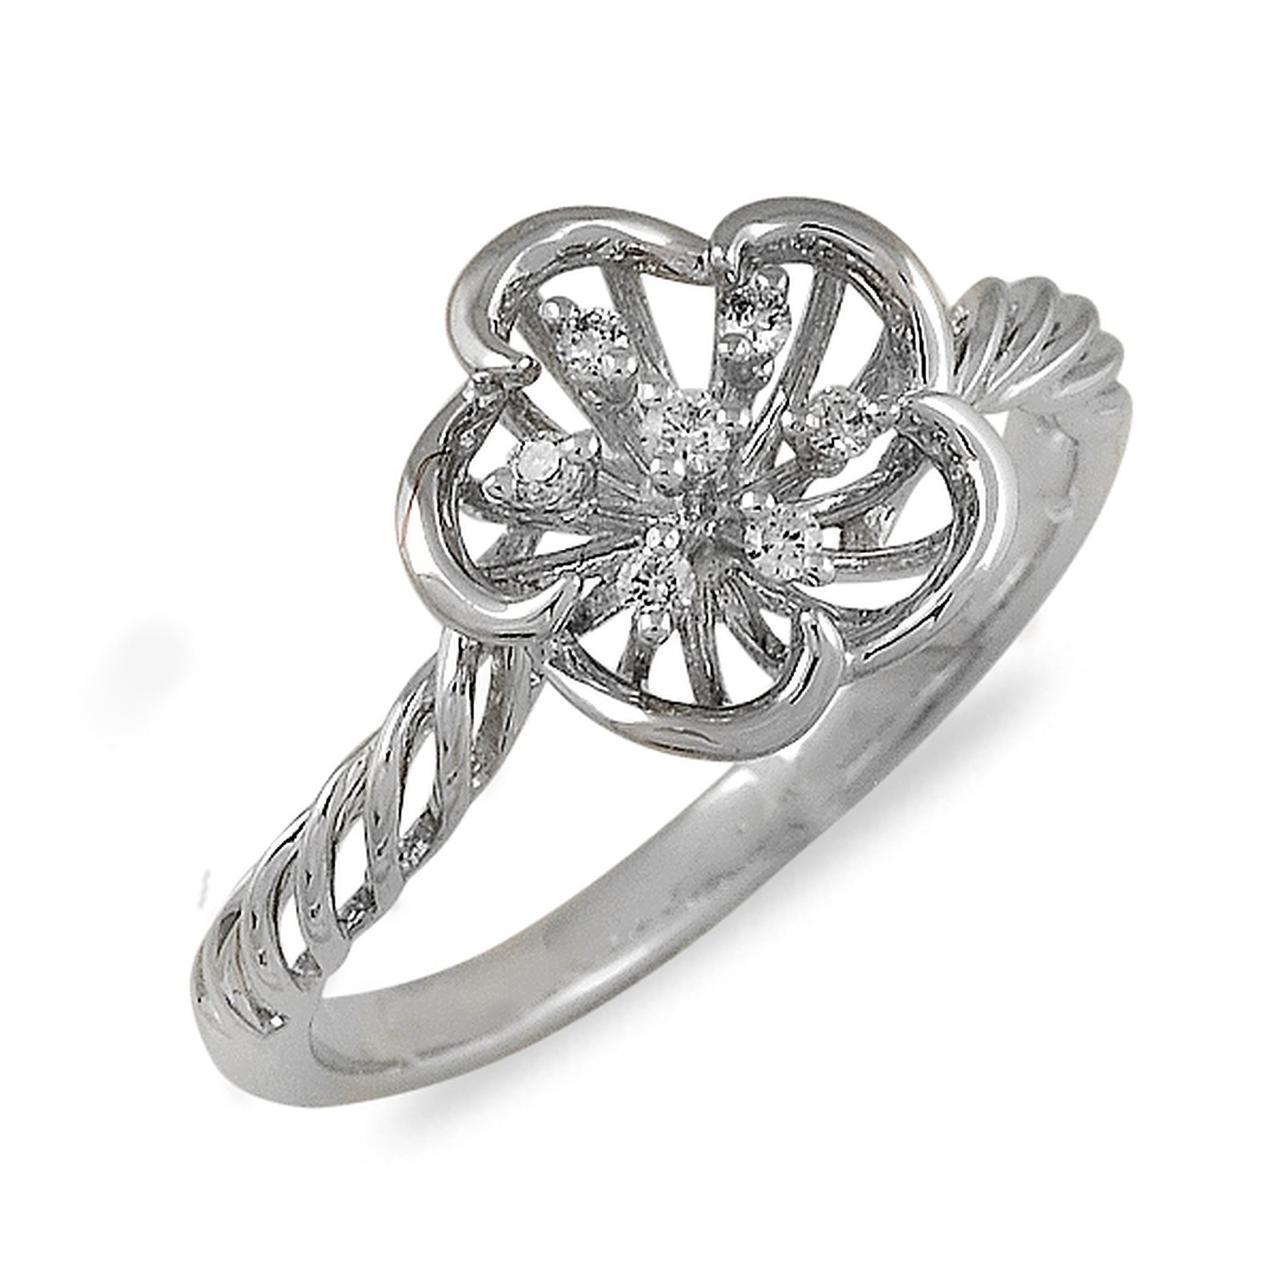 Золотое кольцо с бриллиантами, размер 16 (012982)